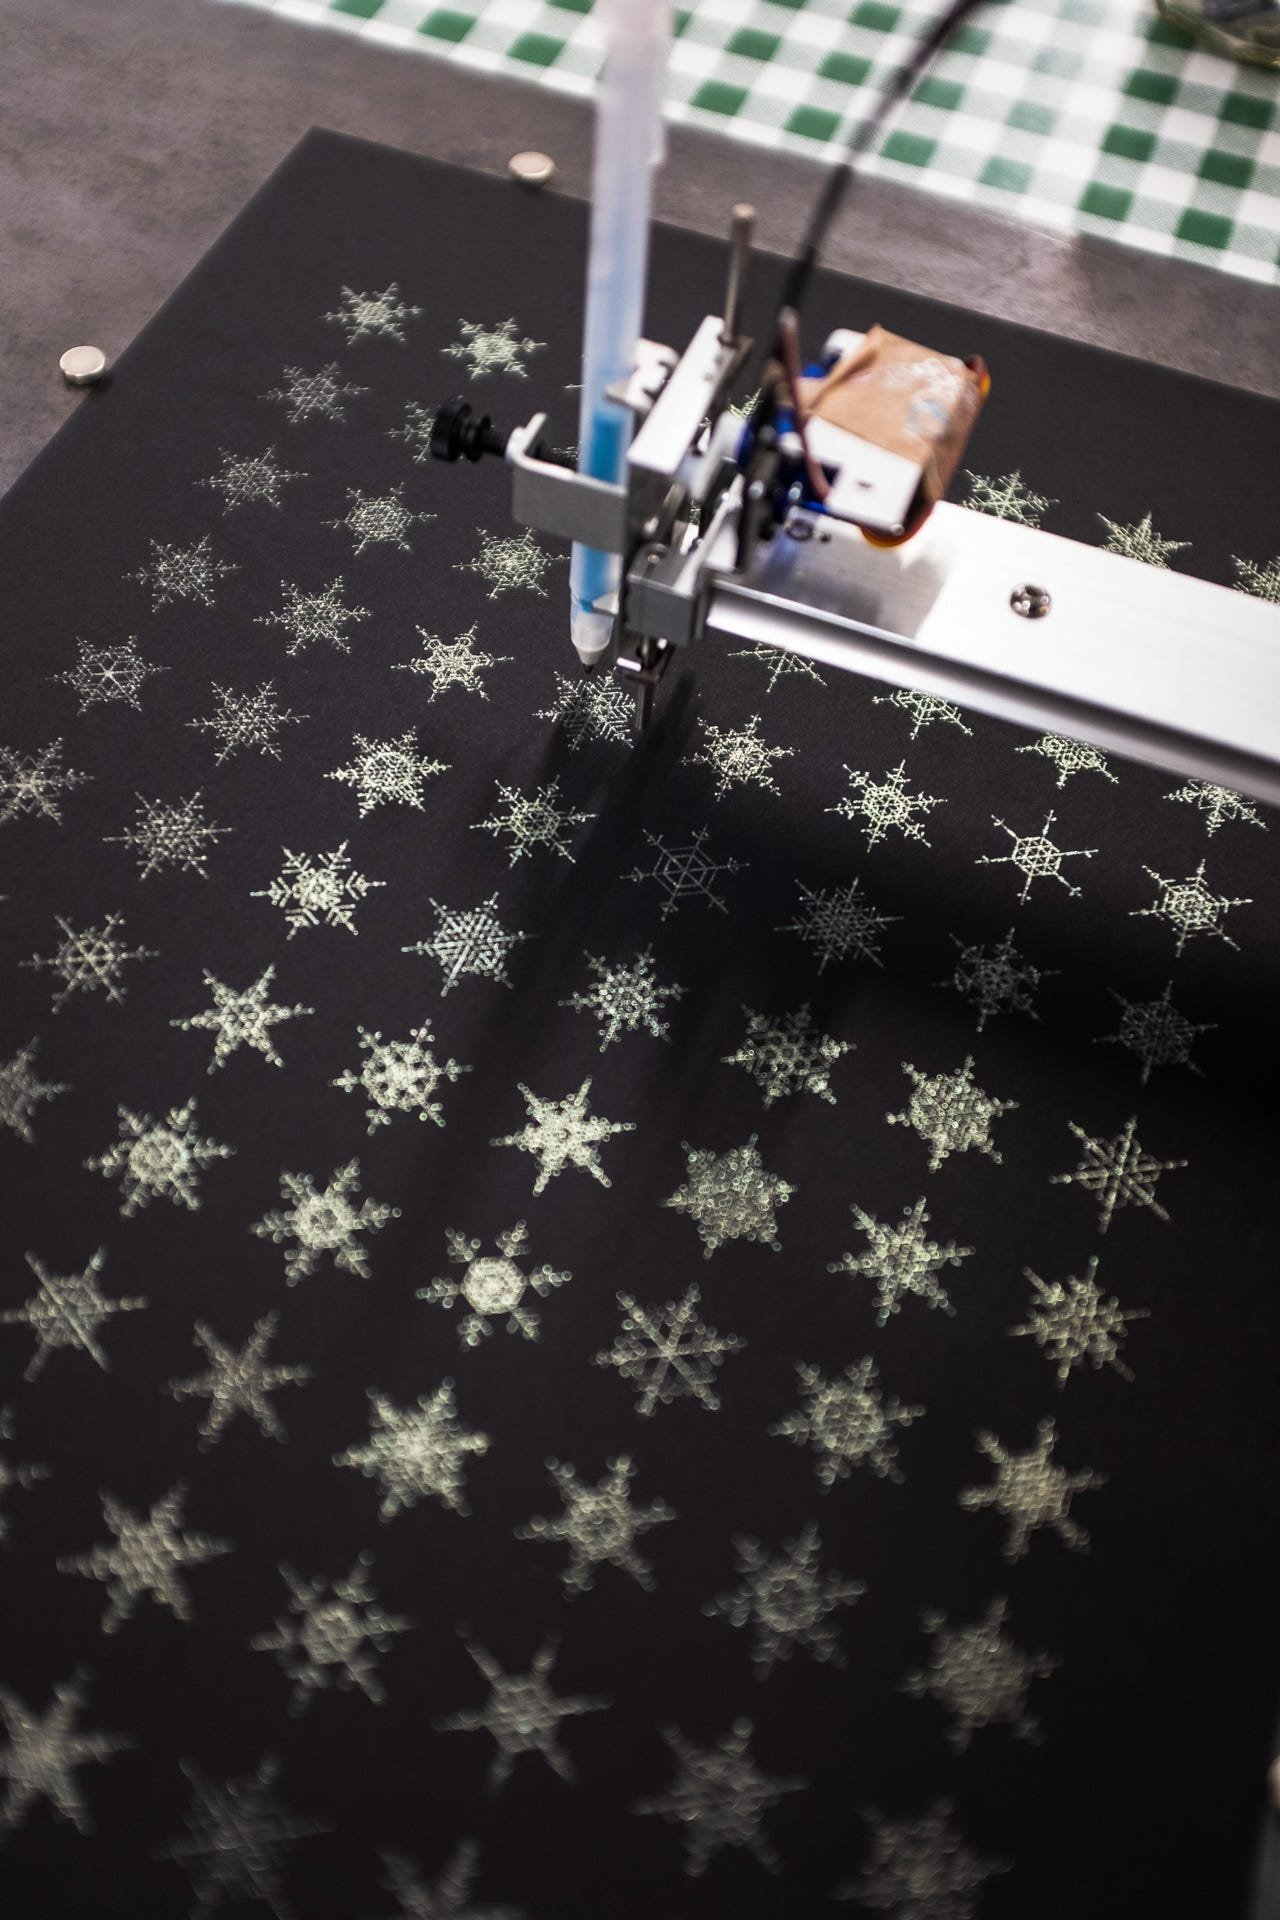 https://revdancatt.com/imgs/posts/2020/11/25/pen-plotter-svg-snowflake-generator/snowflakes1.jpg